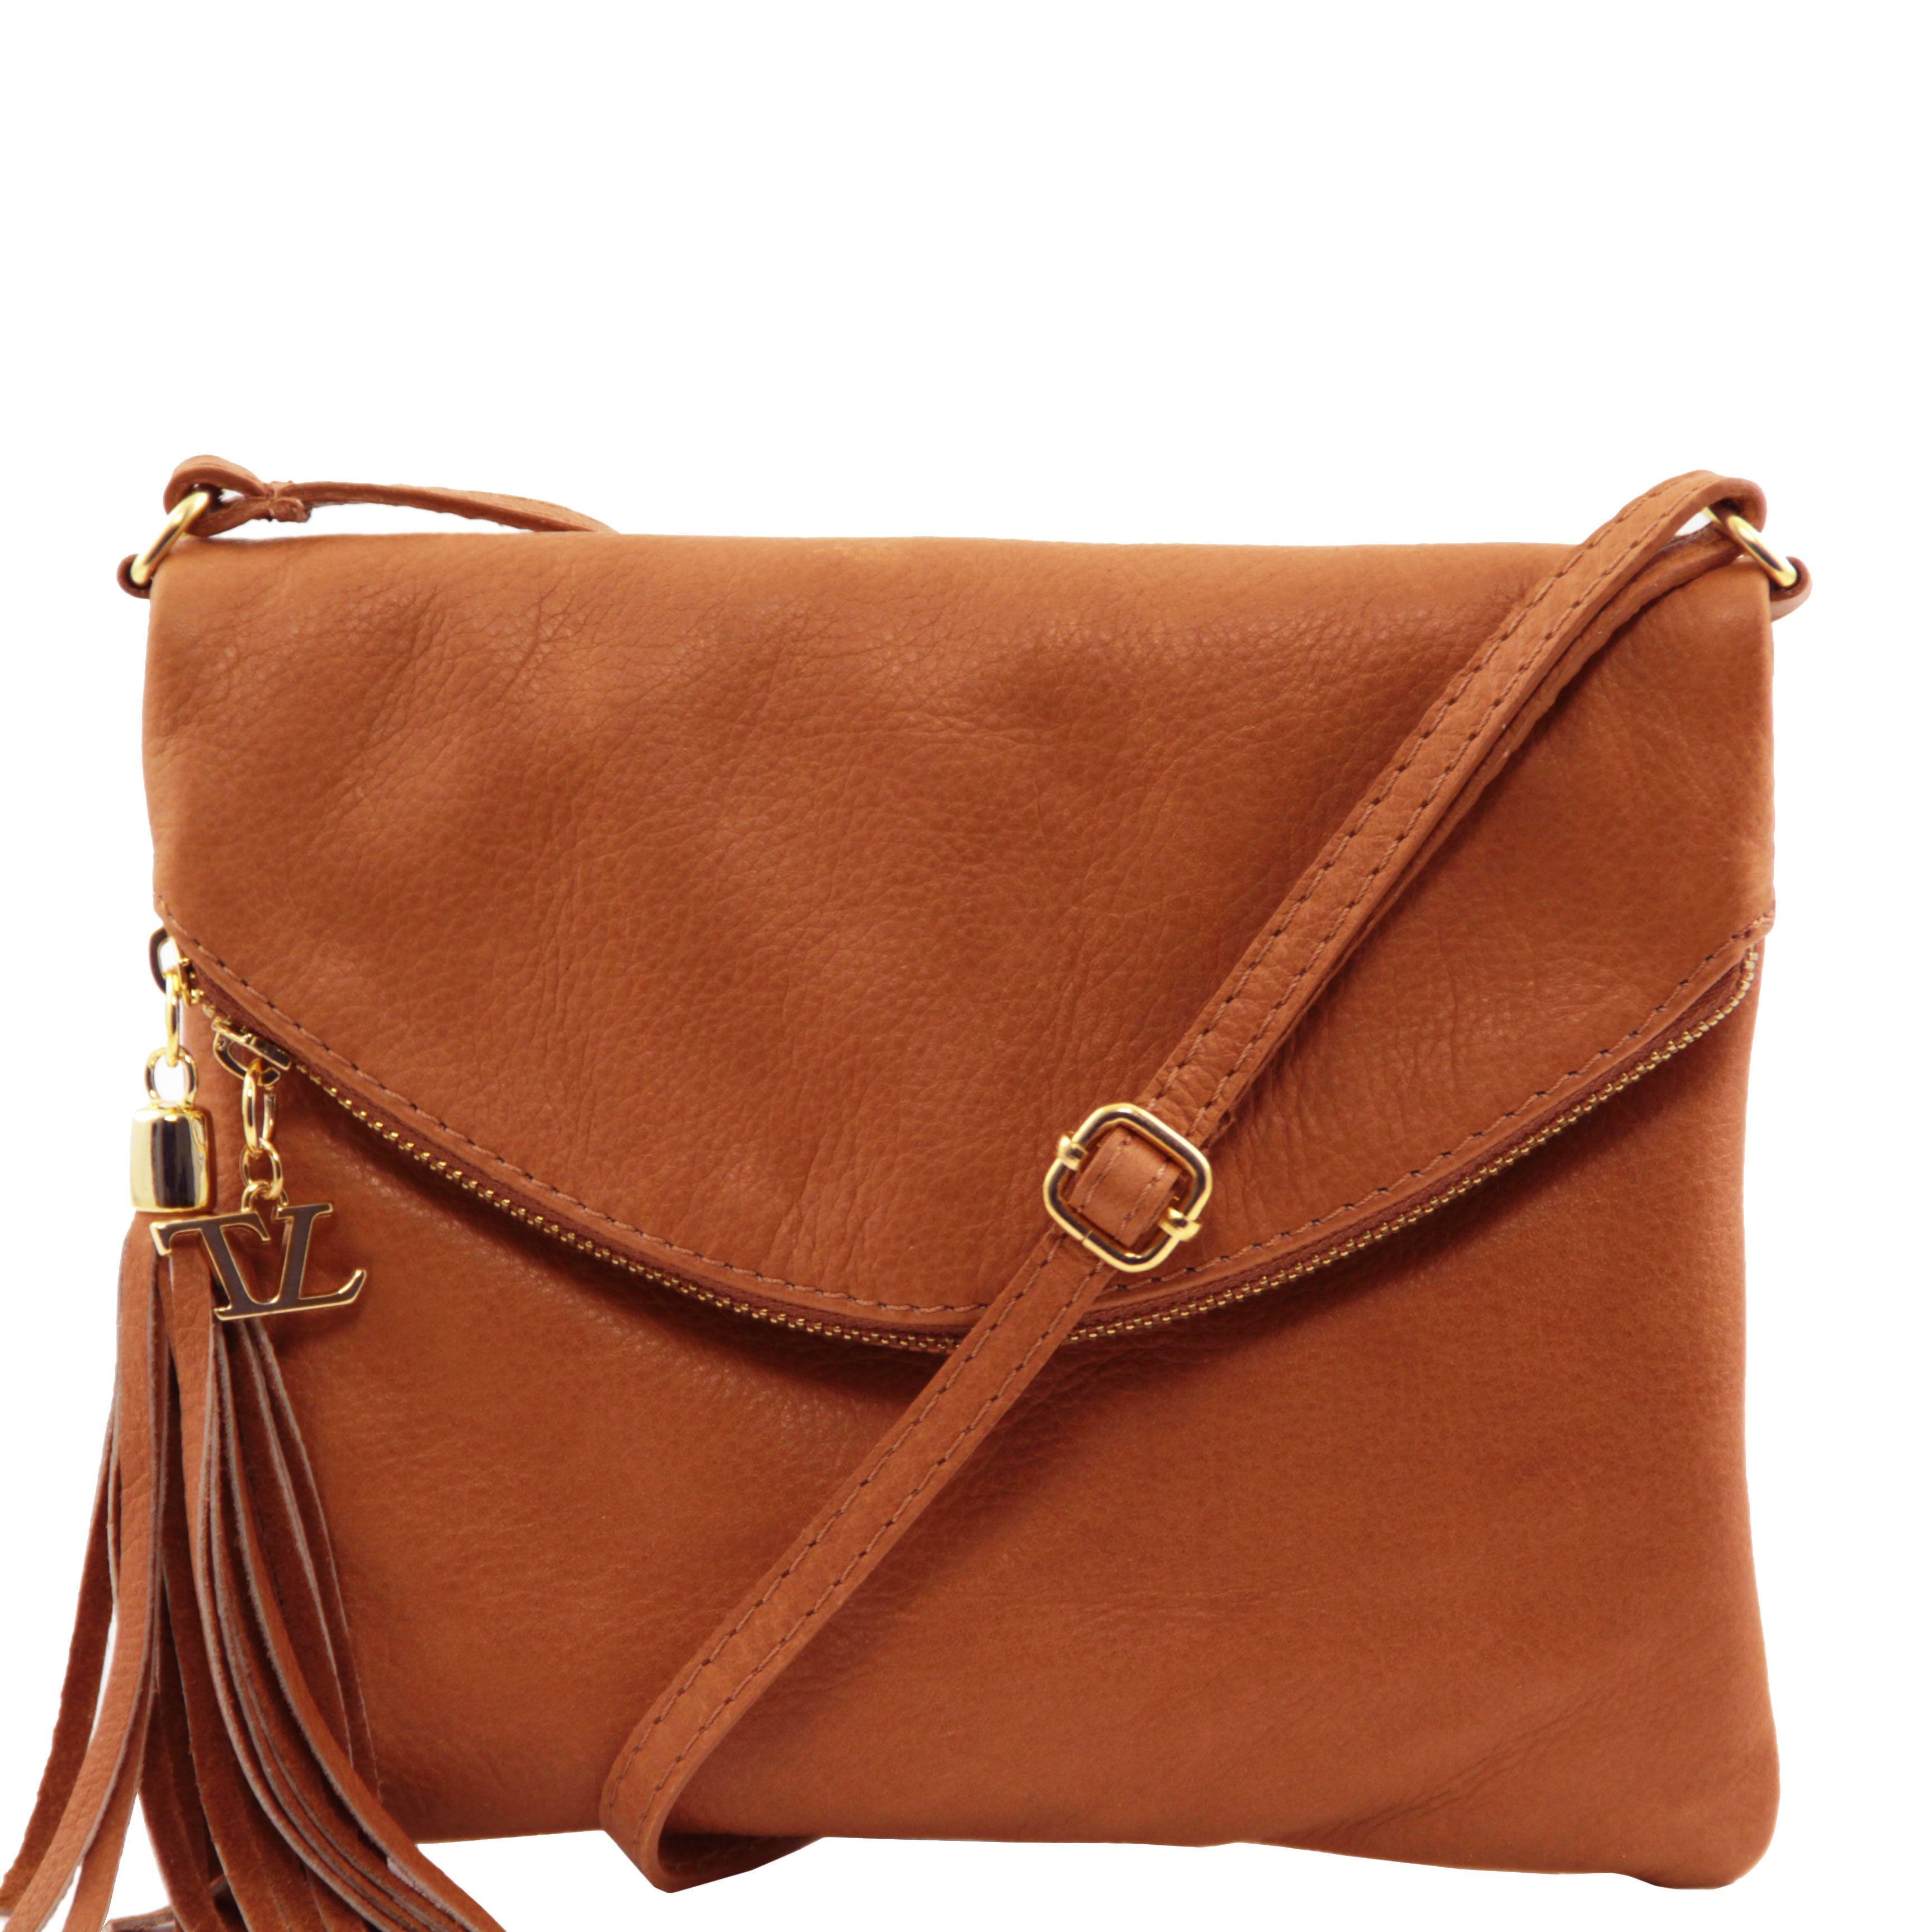 7229b386bd TL Young bag-Taška přes rameno - s koženým střapcem TUSCANY LEATHER -  Koňaková